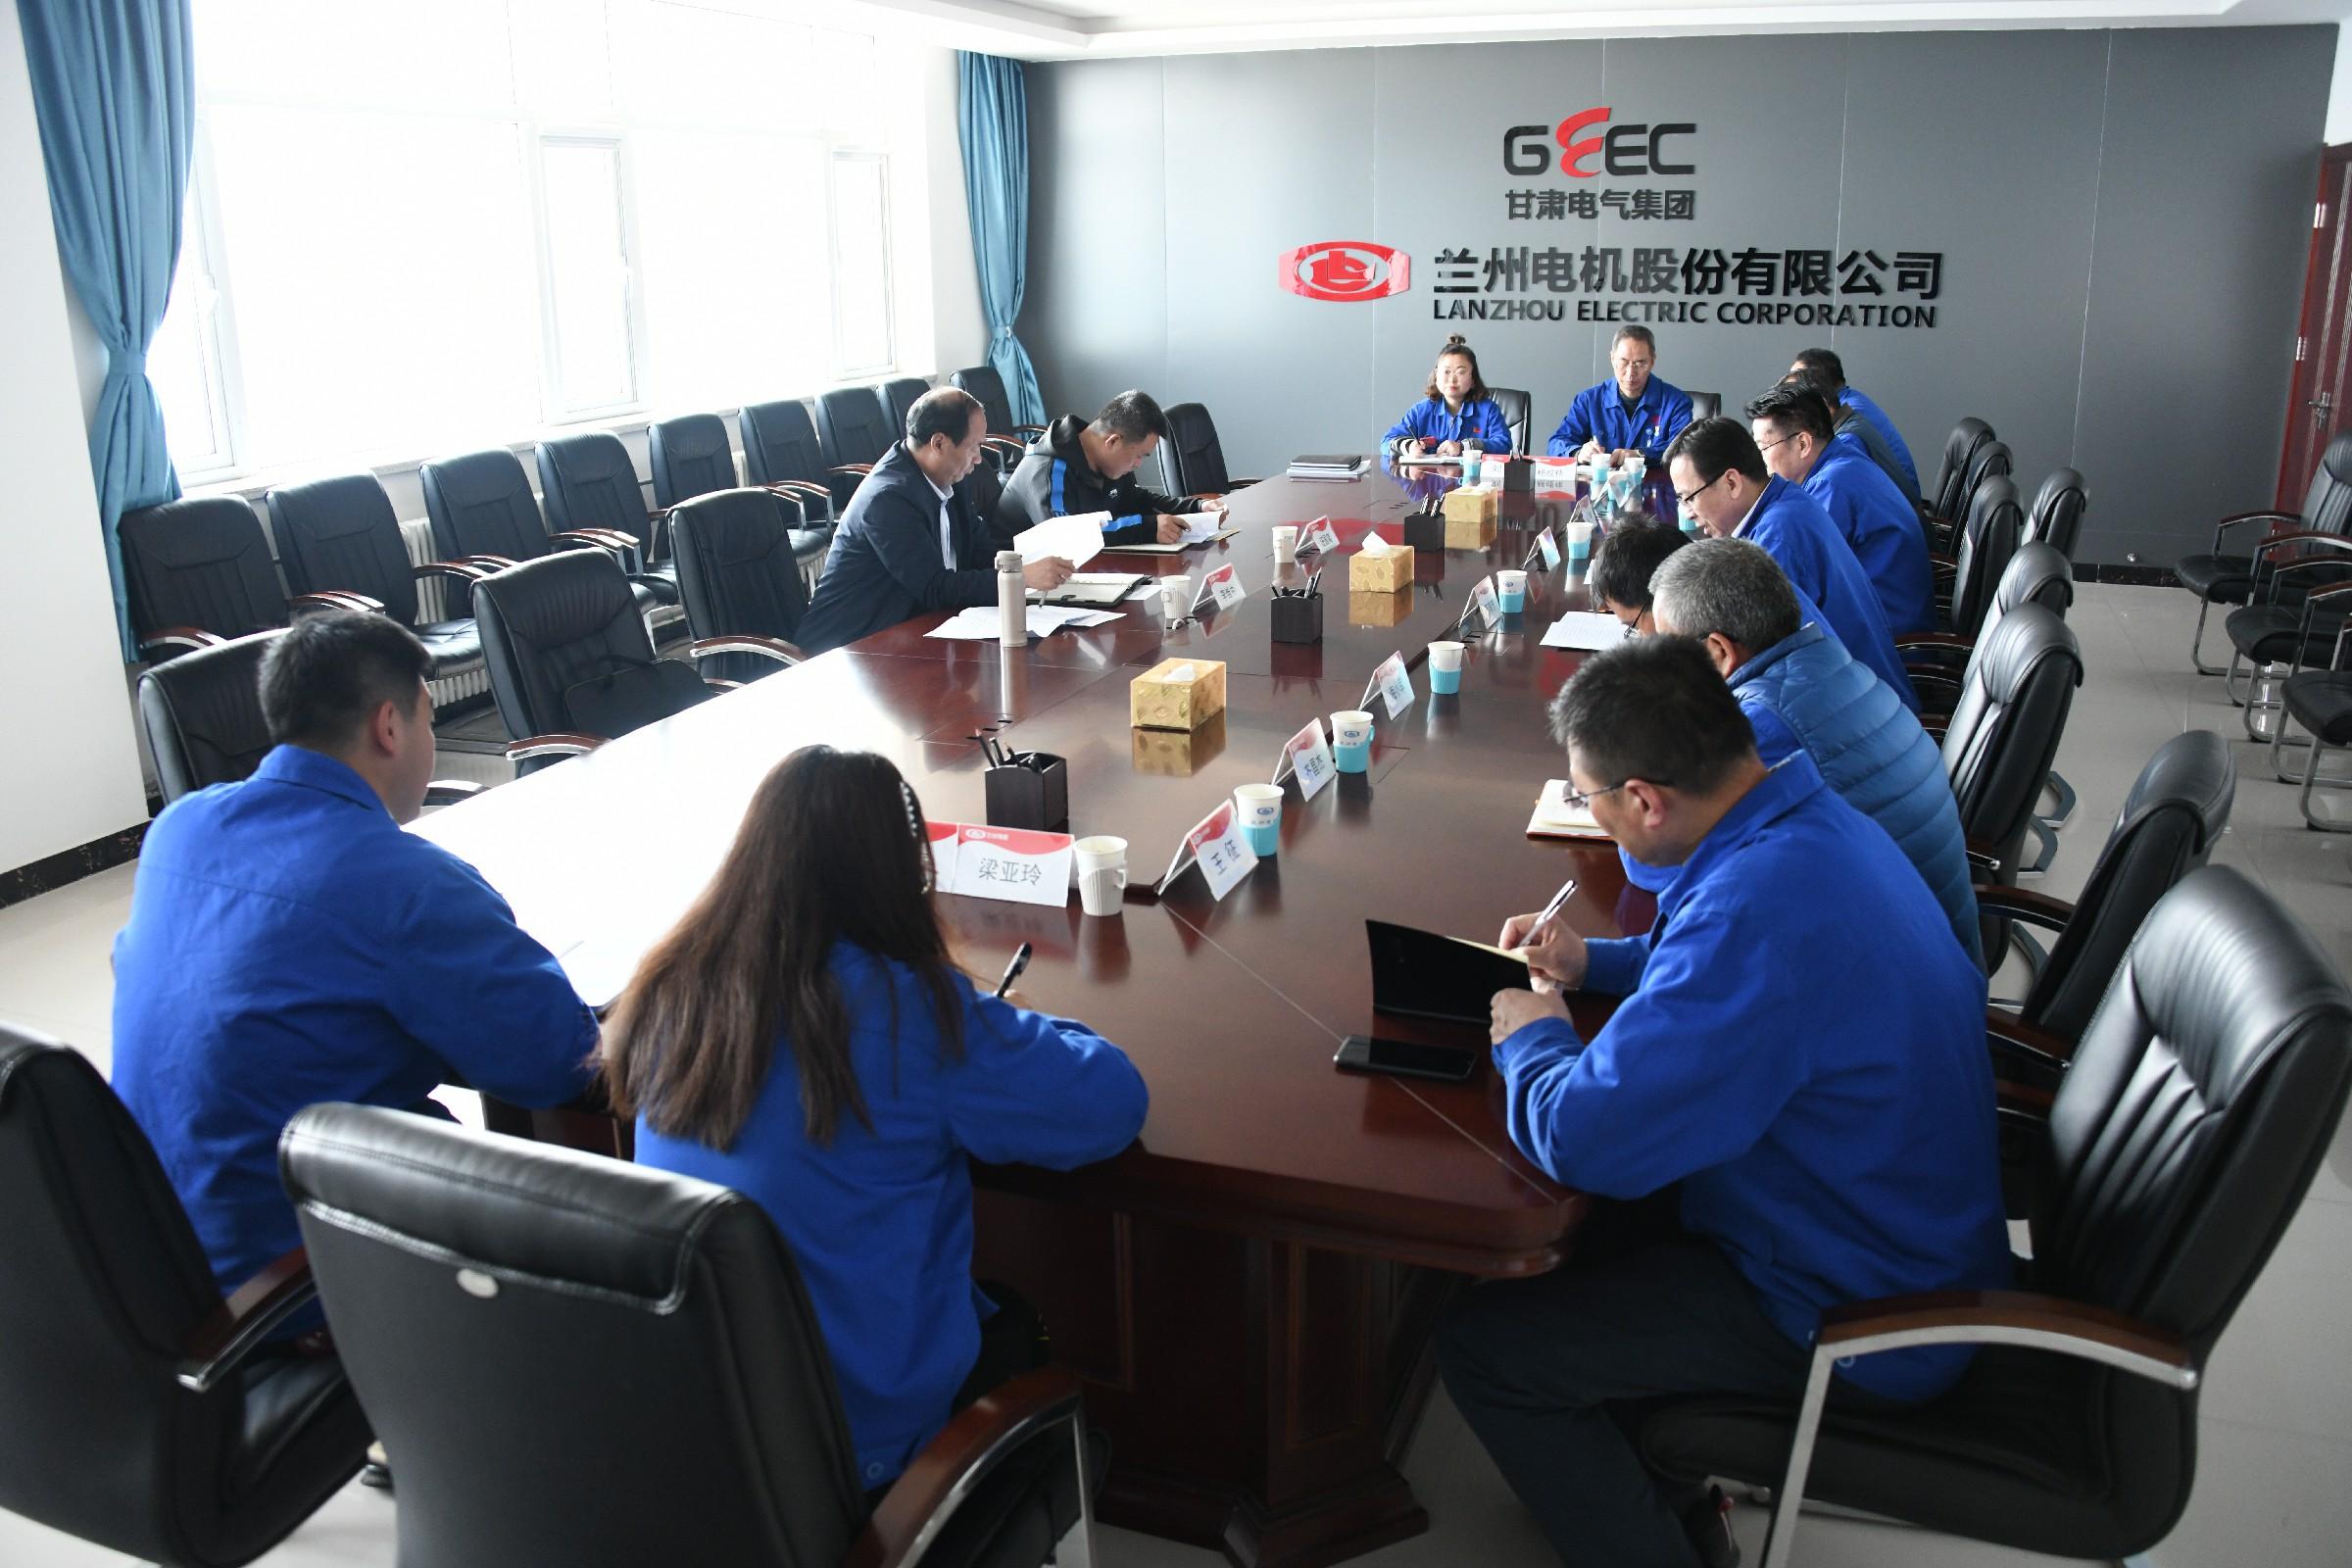 甘肃电气集团纪委书记李维中一行来我公司开展调研督查工作